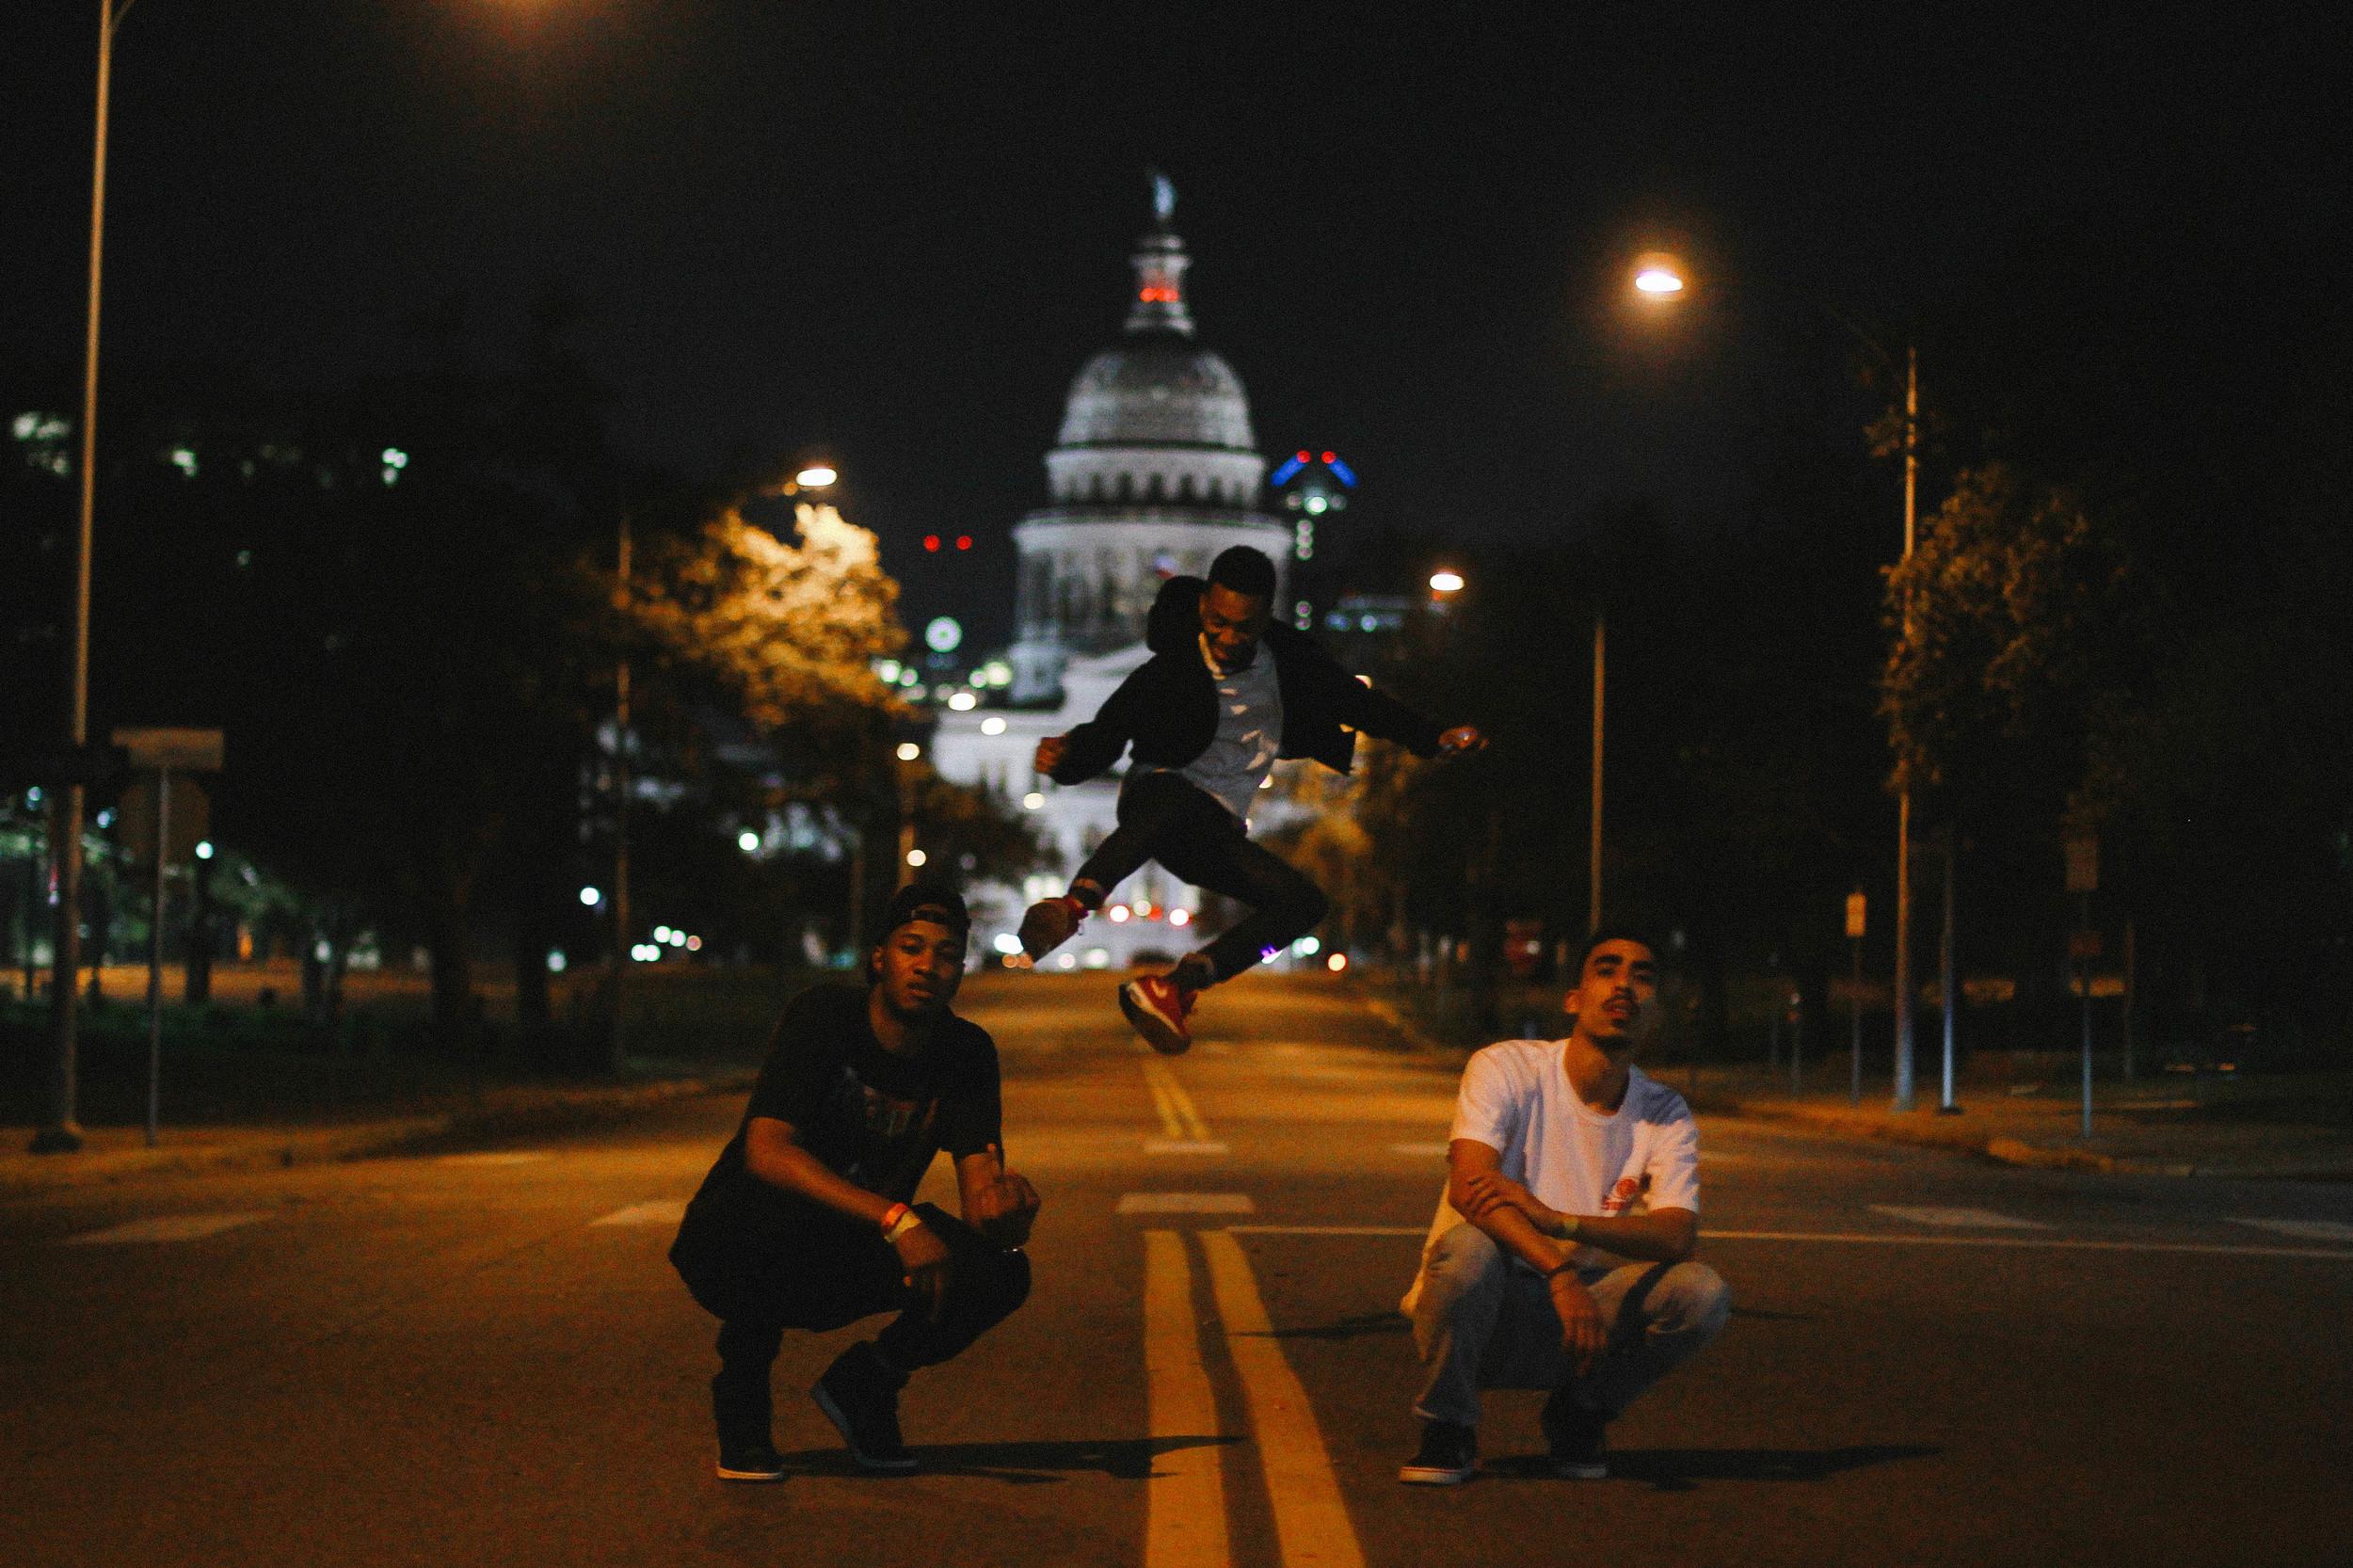 X's kick.jpg